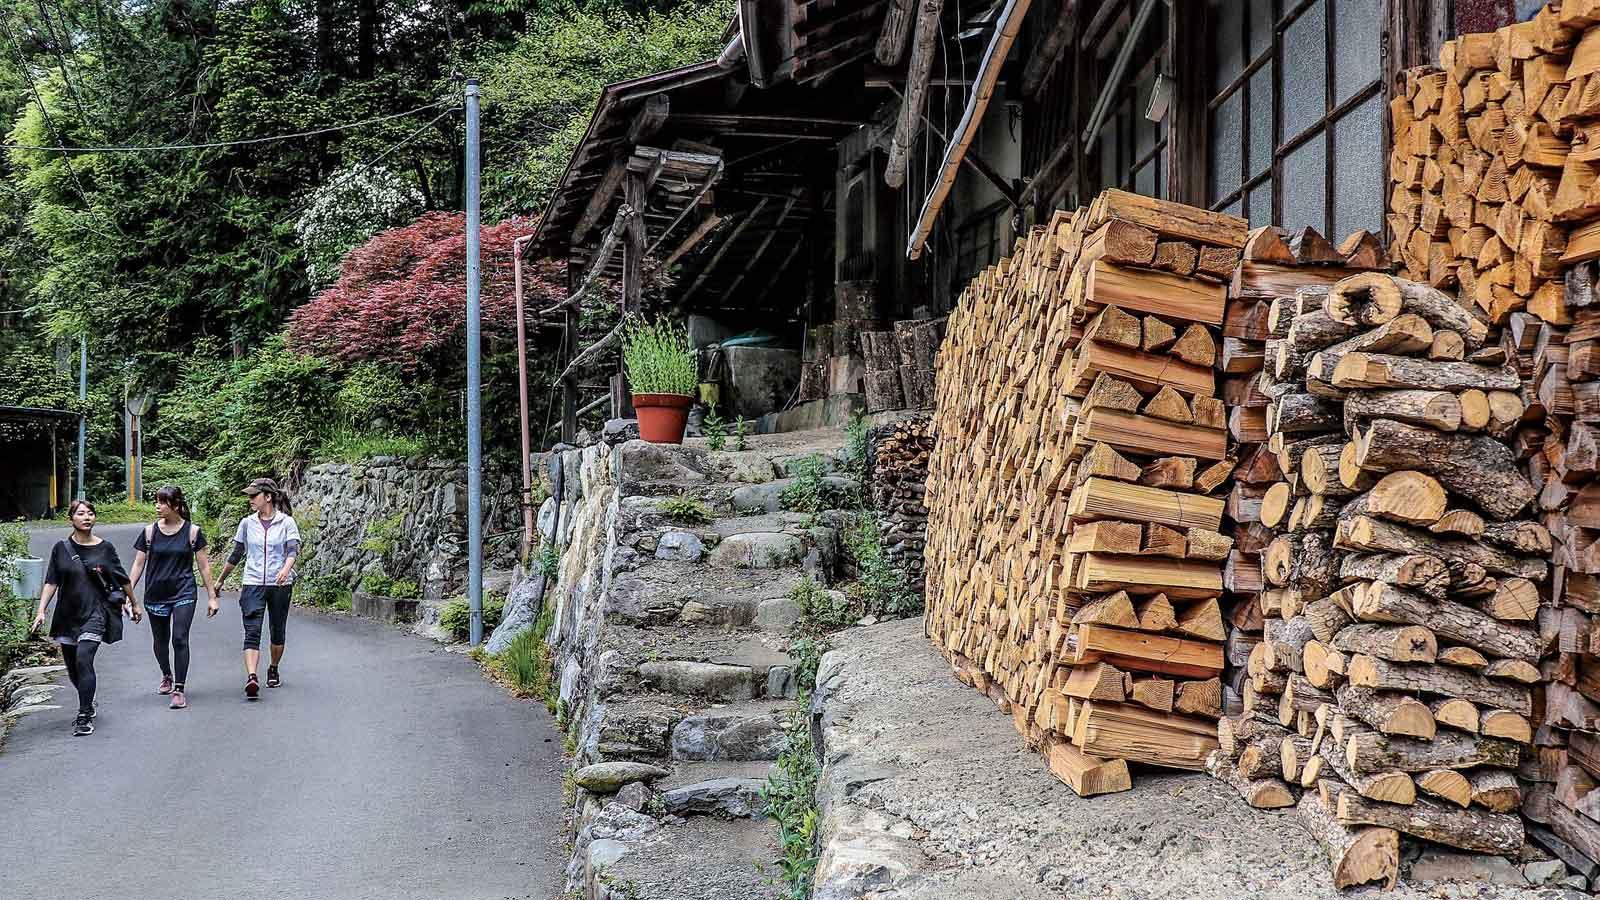 家の前に積み上げられた薪